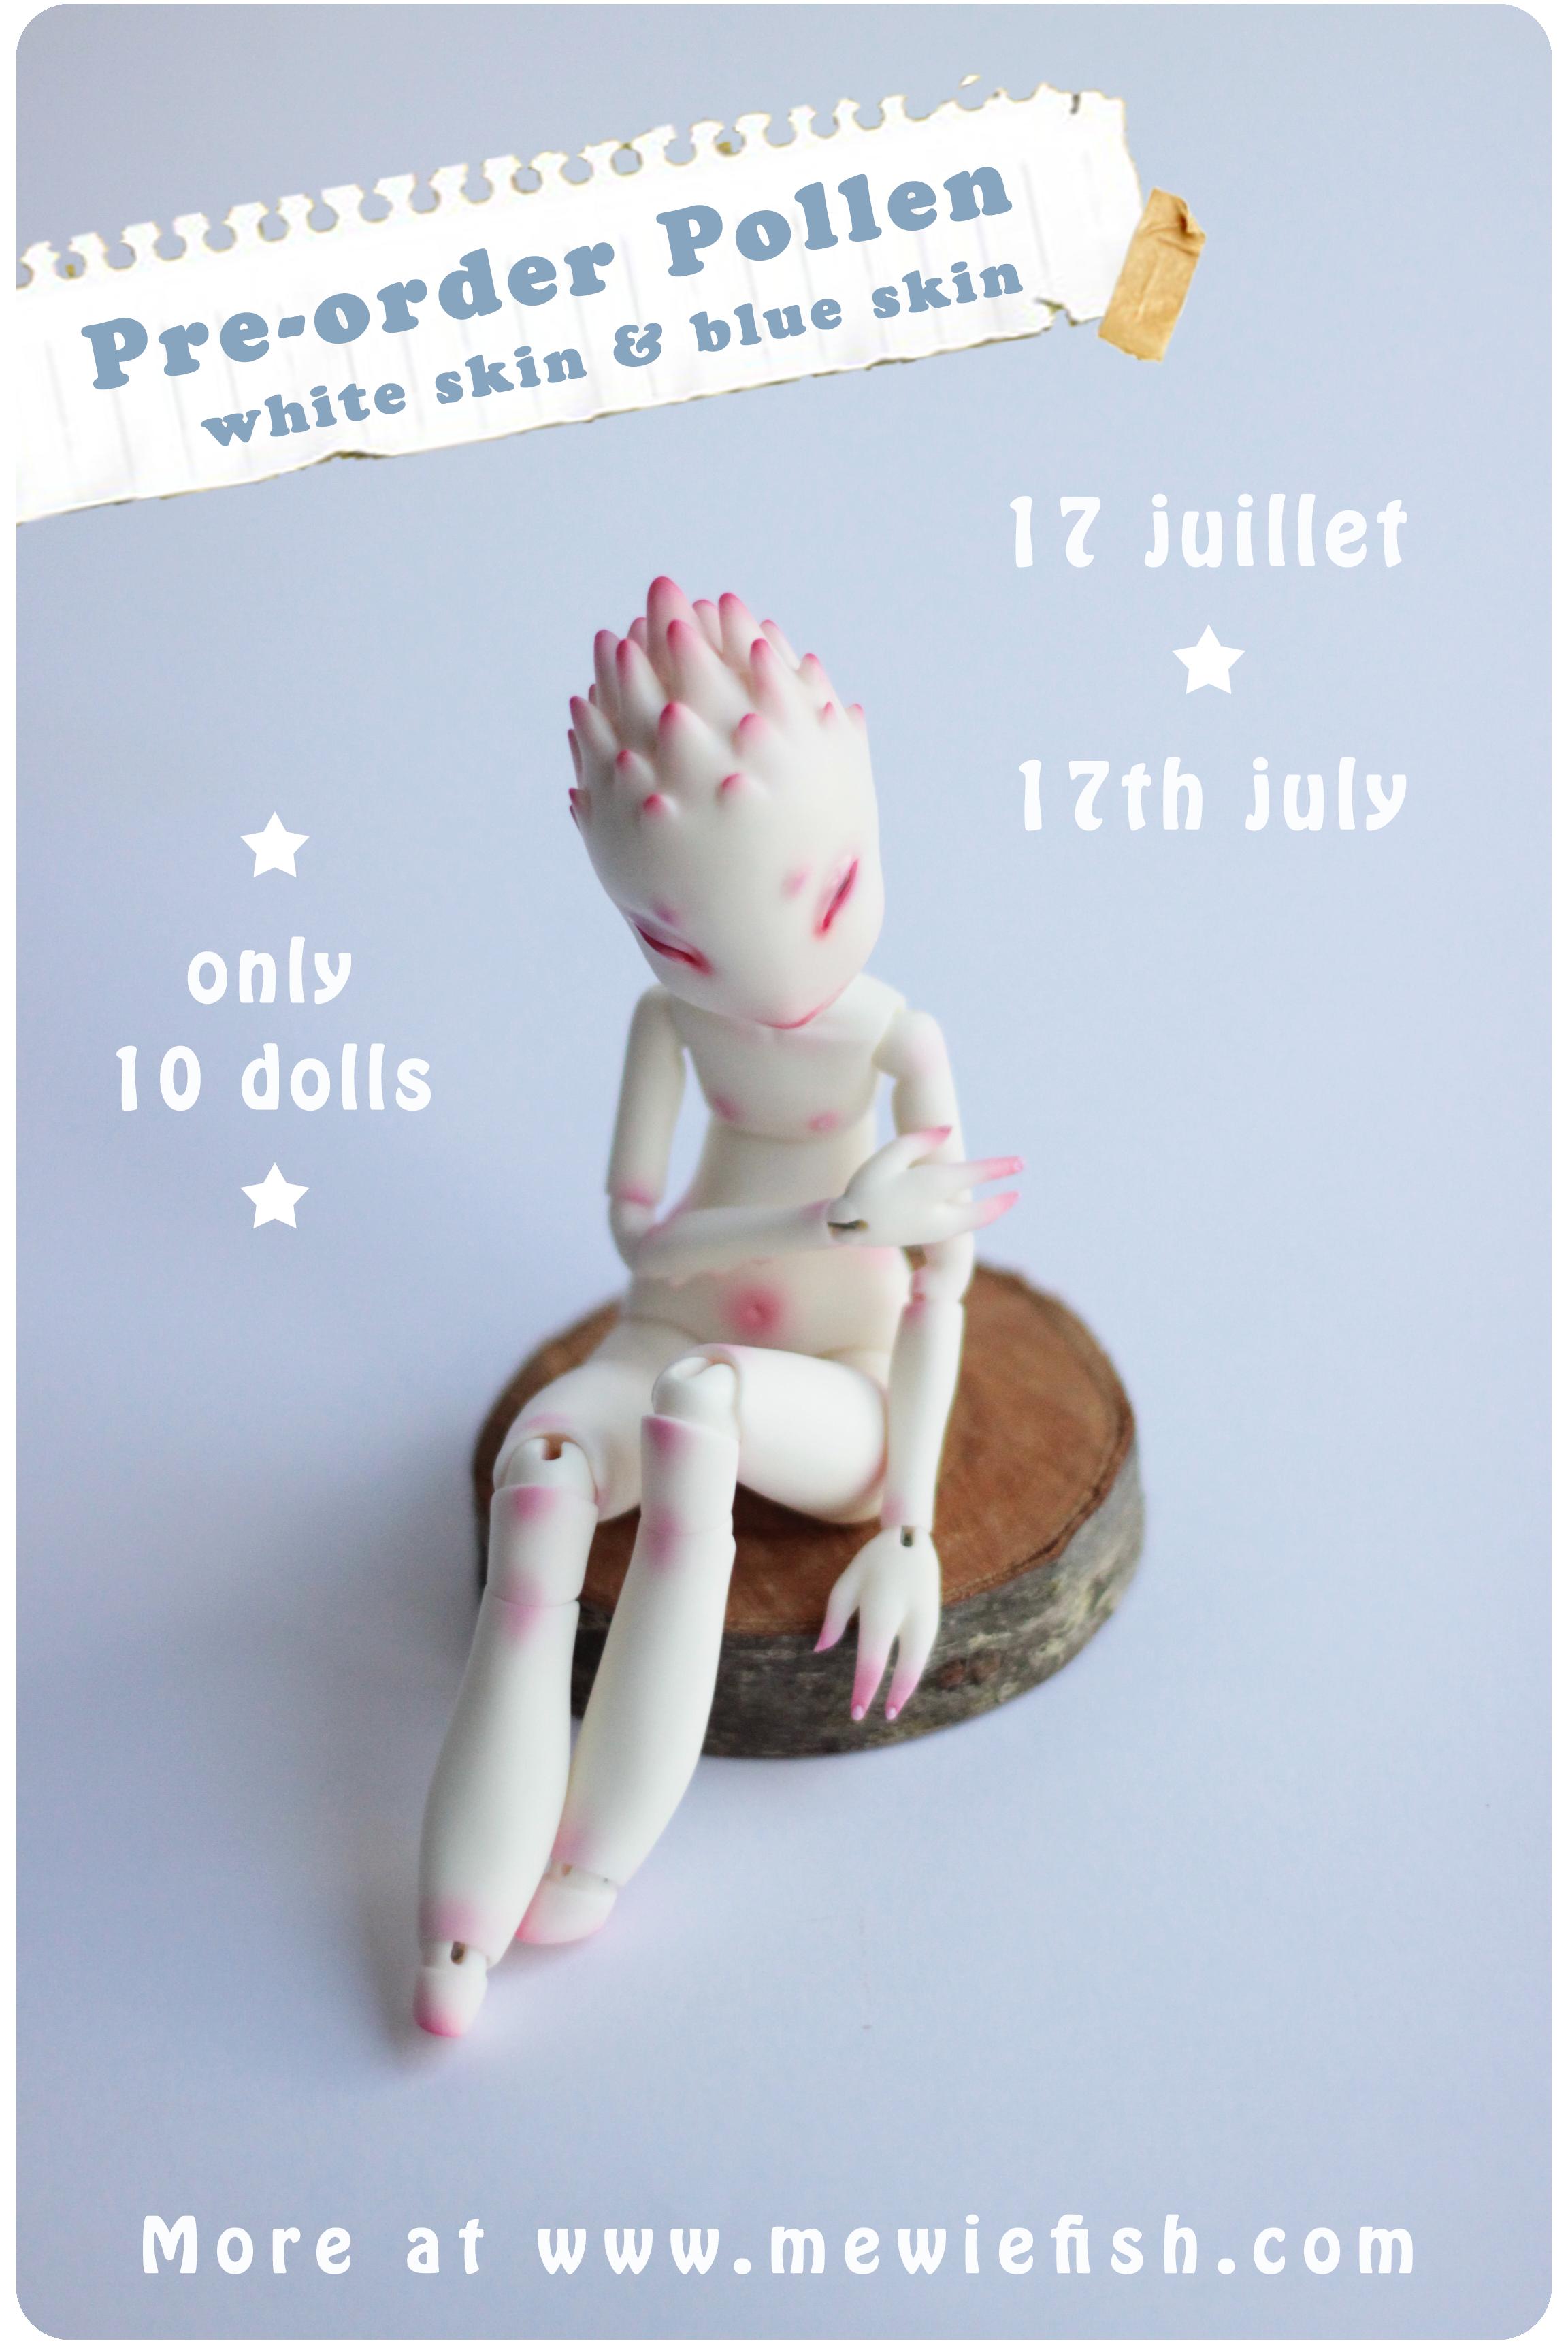 +Creatures Dolls+ new topic ! news pr Pollen !! ^__^ PO-pollen2